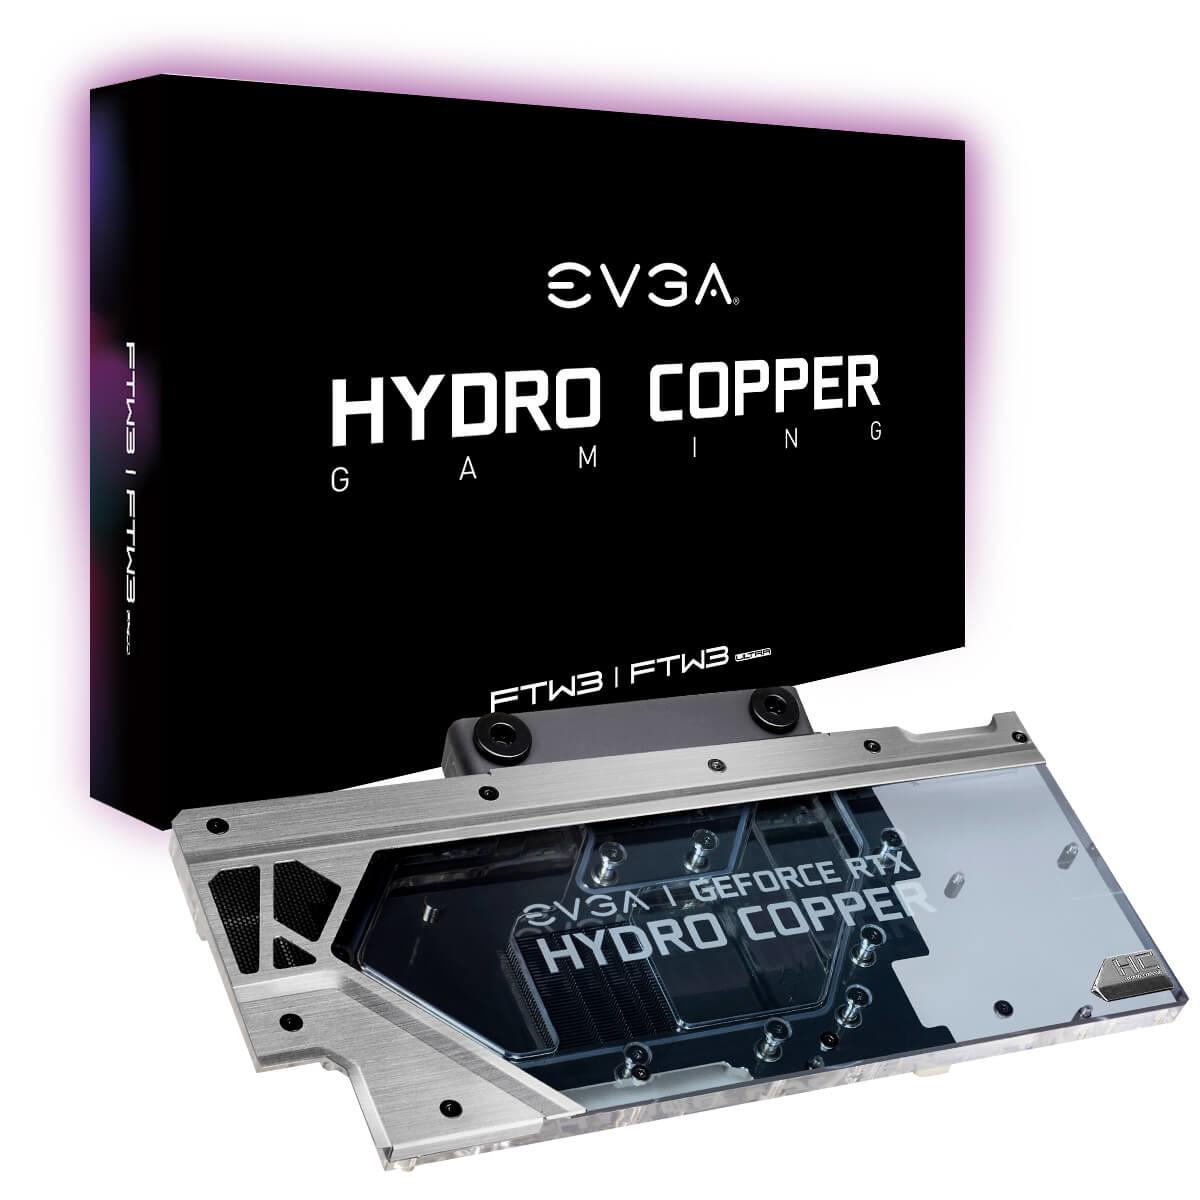 EVGA presenta sus nuevos Hydro Copper para las GeForce RTX 20